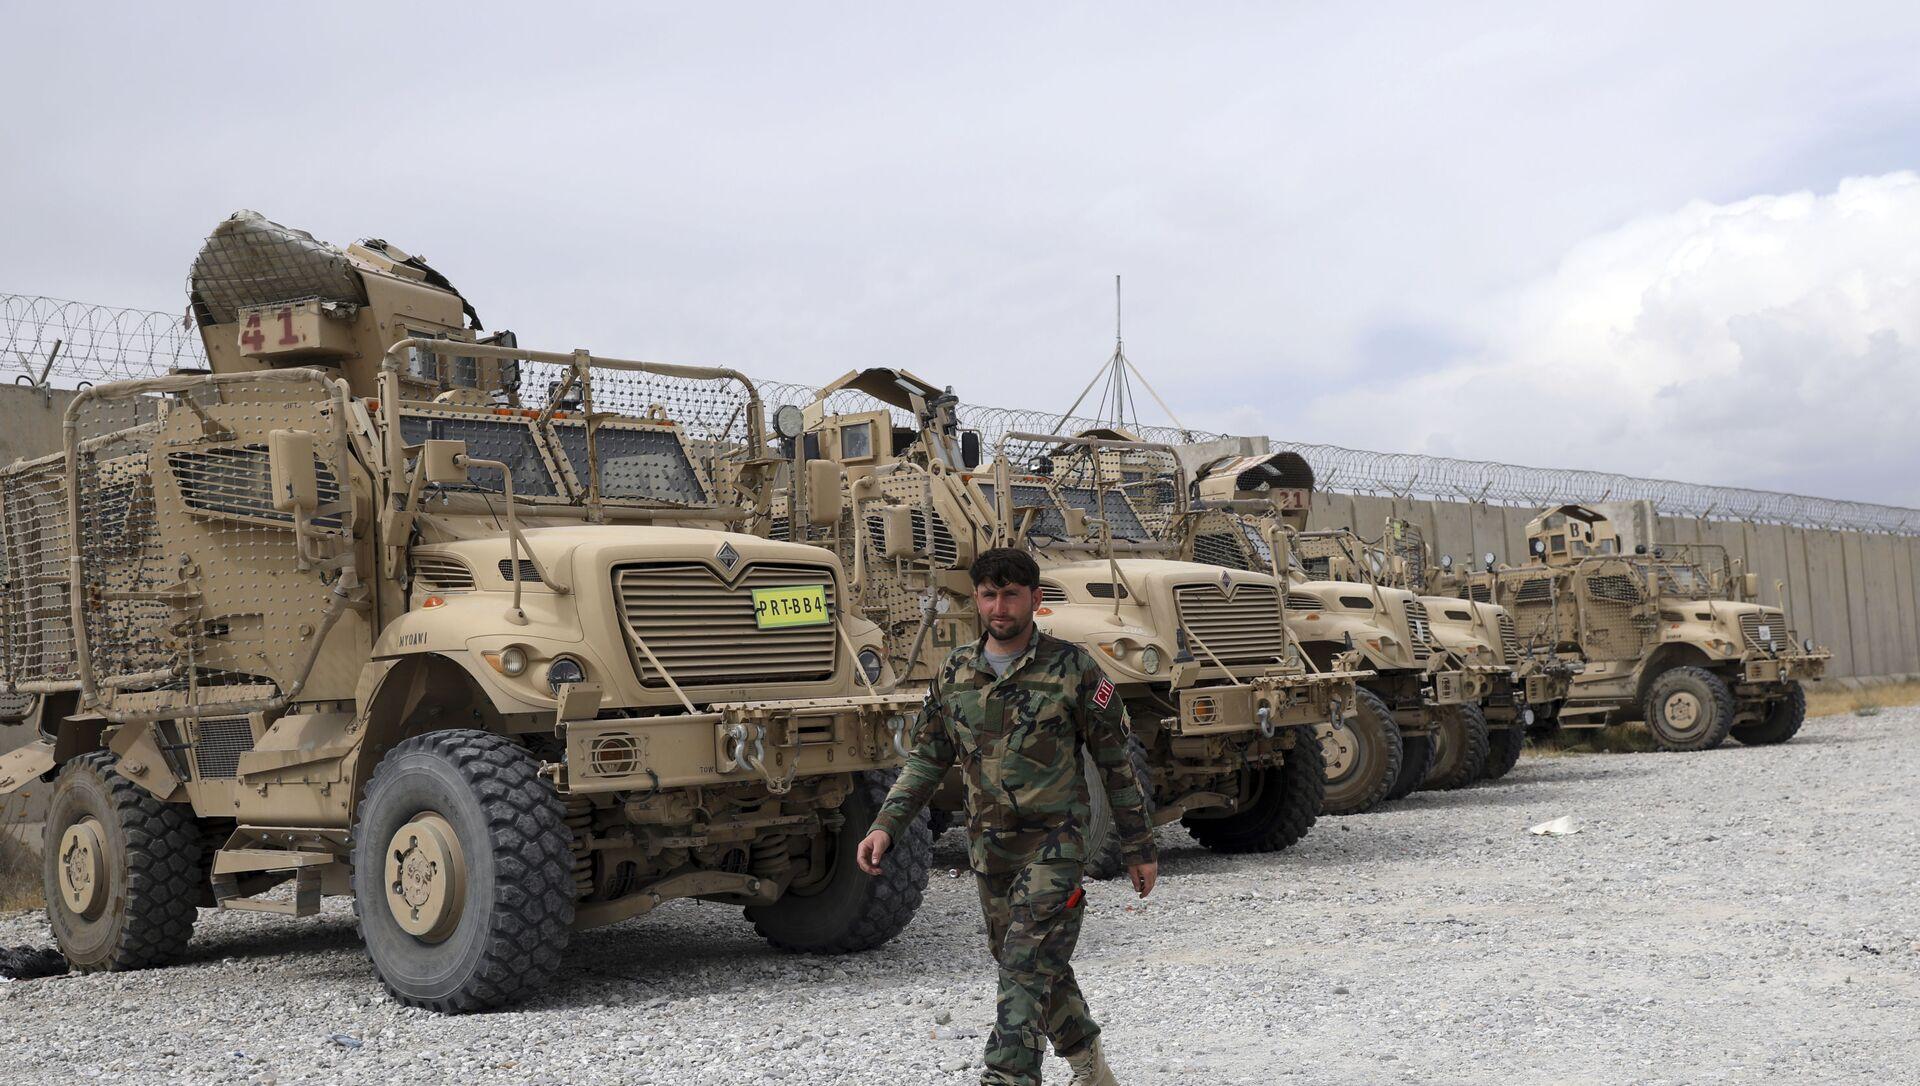 Un soldat de l'armée afghane passe devant des véhicules MRAP (Mine Resistant Ambush Protected) laissés sur place après le départ de l'armée américaine de la base aérienne de Bagram, dans la province de Parwan, au nord de Kaboul, en Afghanistan, lundi 5 juillet 2021. Les États-Unis ont quitté l'aérodrome de Bagram en Afghanistan après presque 20 ans, mettant fin à leur guerre éternelle, dans la nuit, sans avertir le nouveau commandant afghan plus de deux heures après leur départ.  - Sputnik France, 1920, 25.08.2021